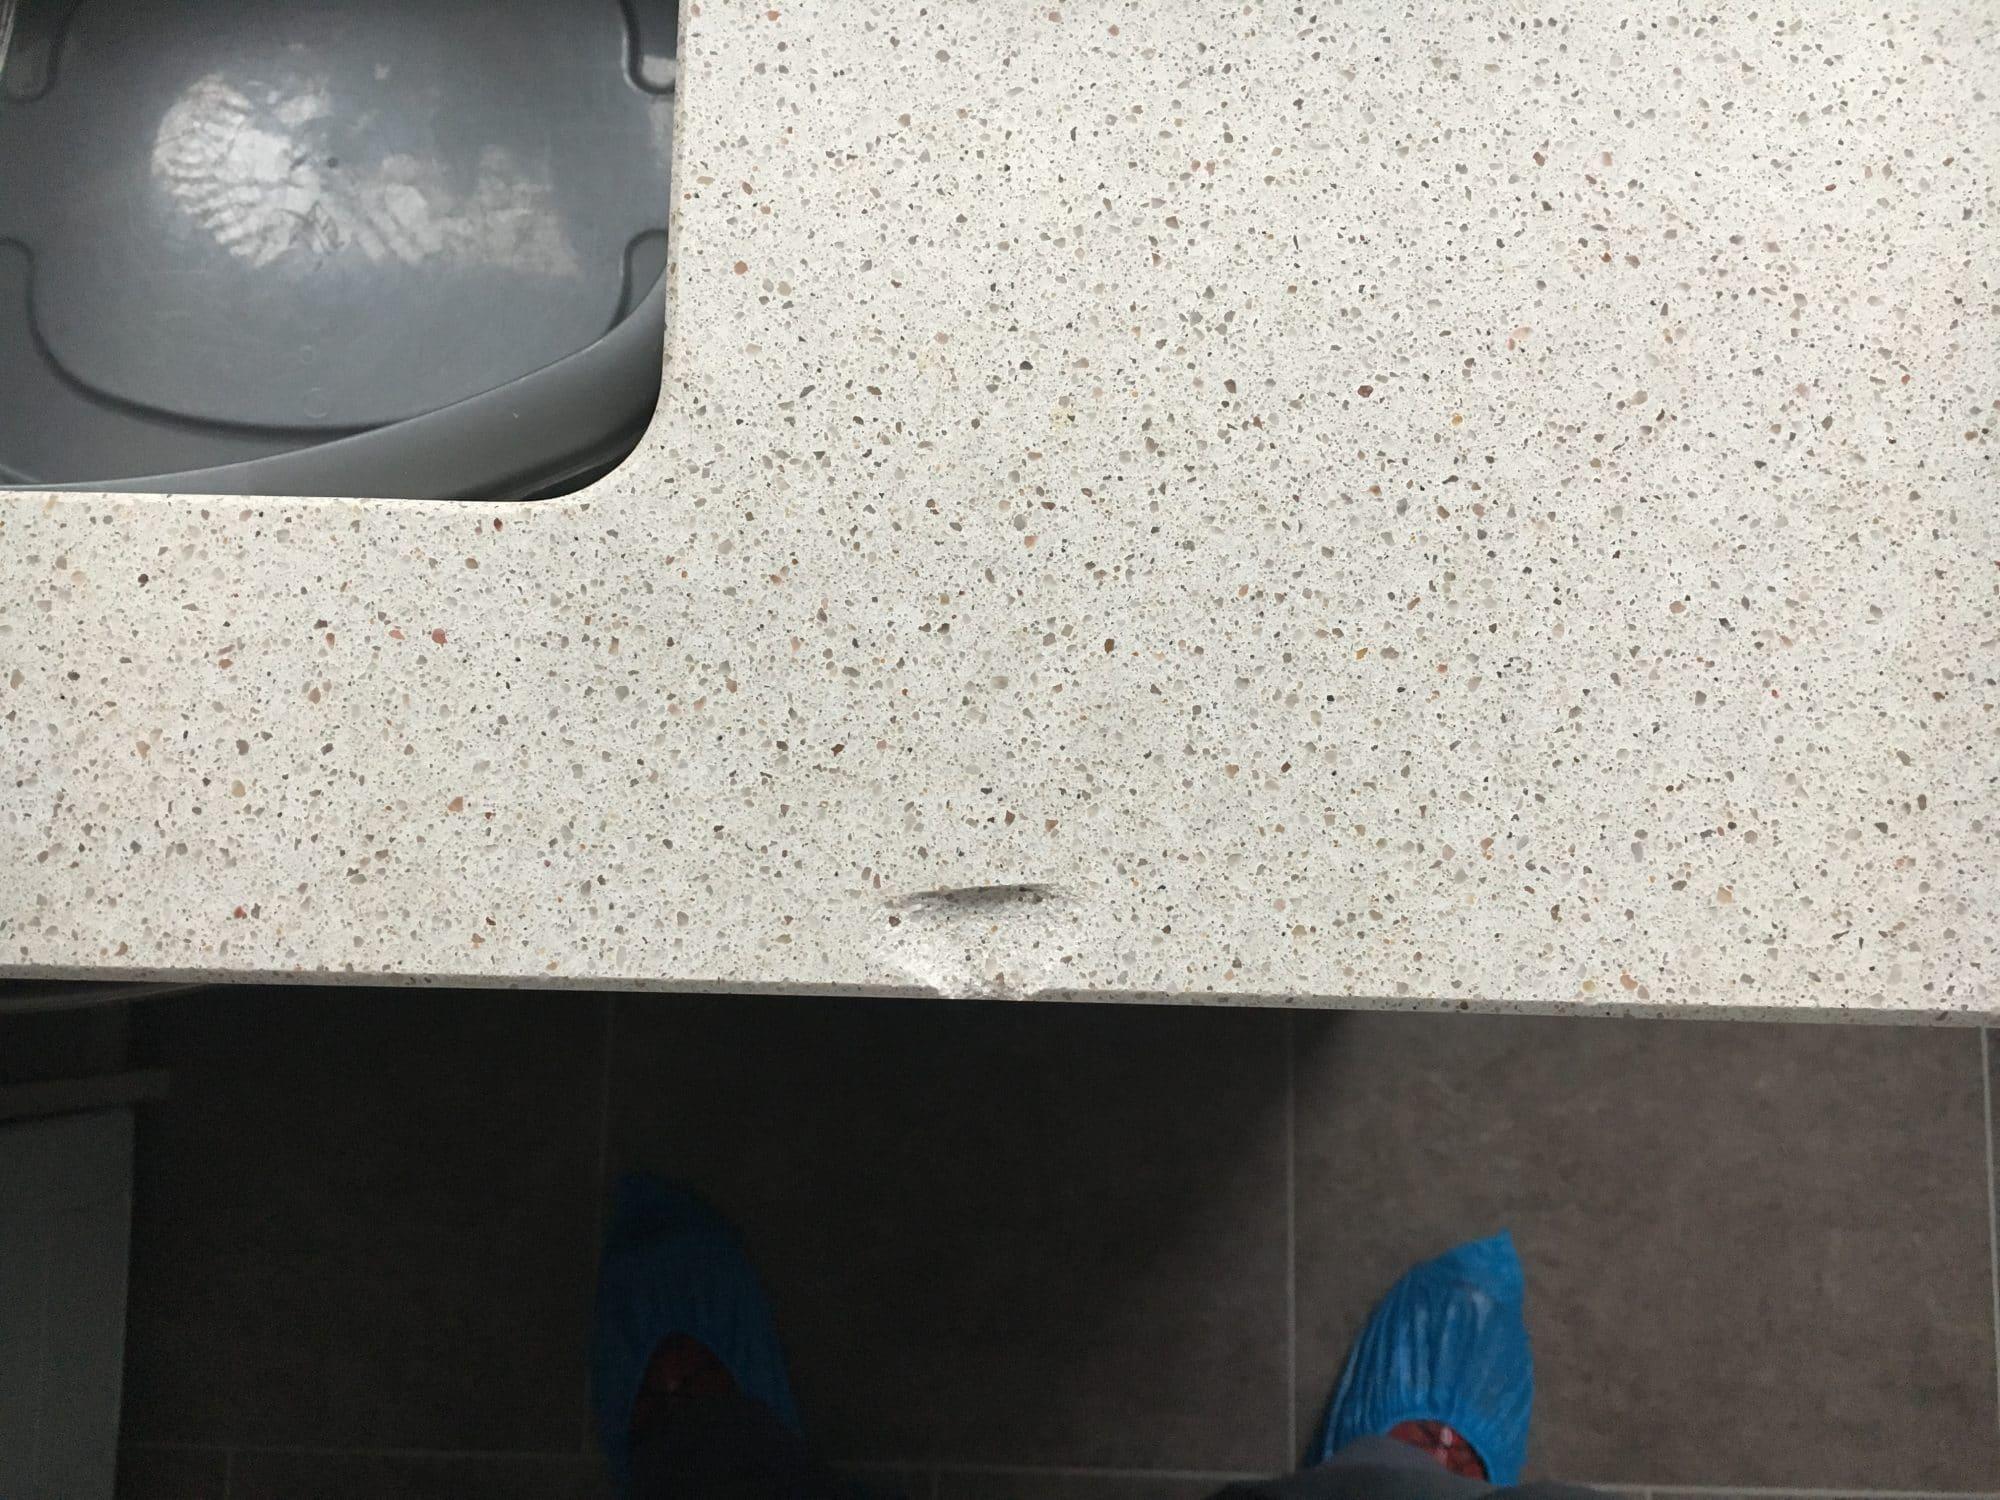 Engineered Quartz Kitchen Worktop Edge Chip Repair Bespoke Repairs